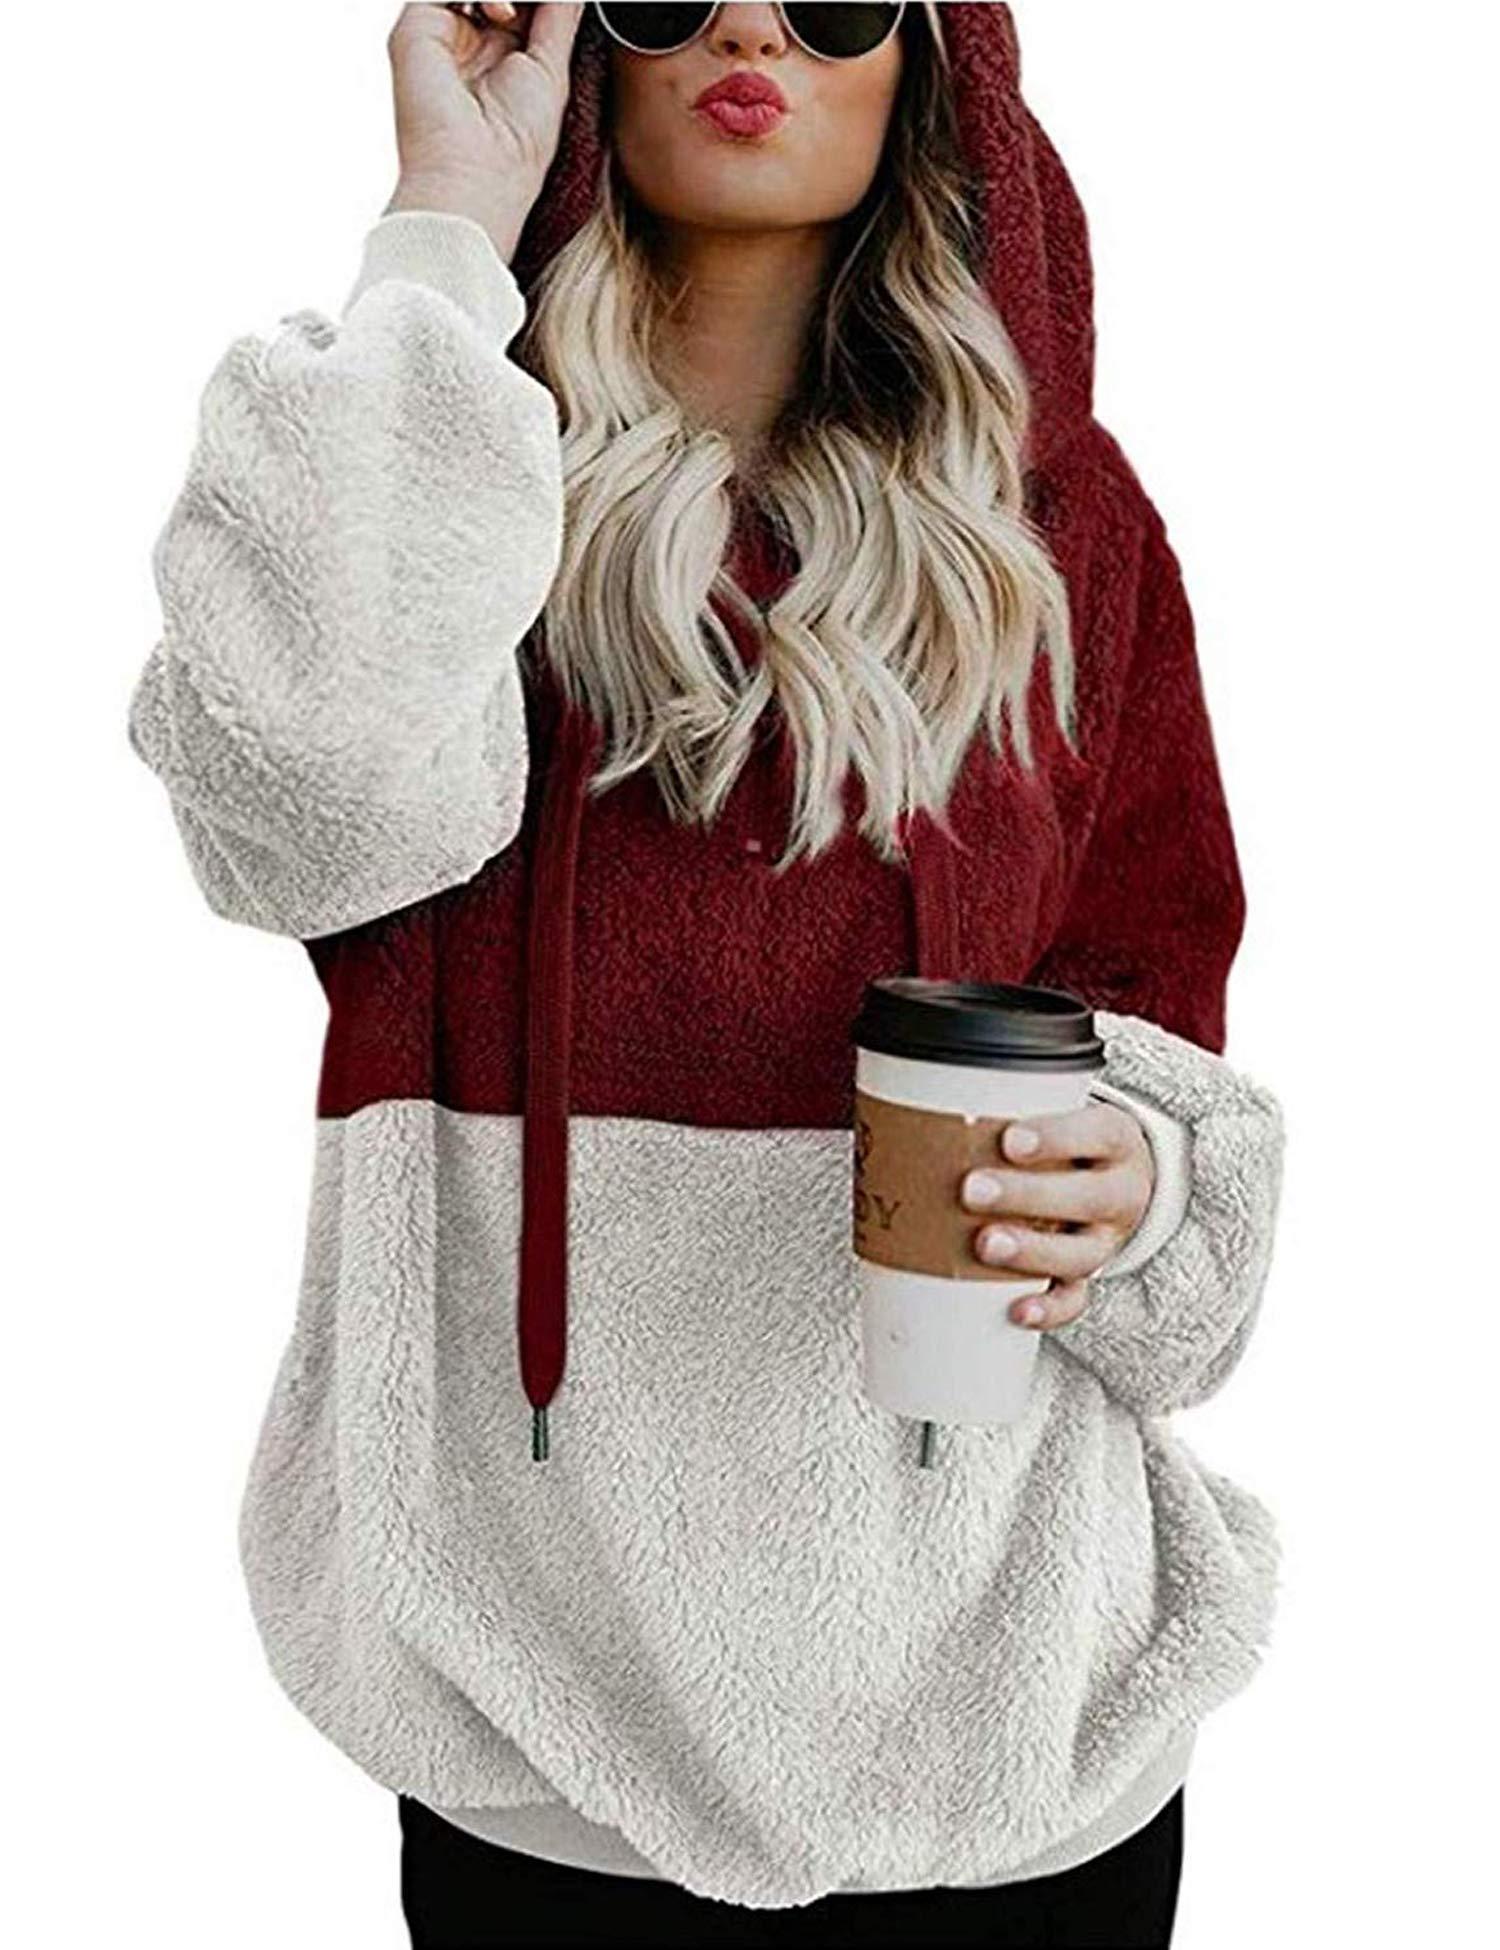 LOMON Sweatshirt Women Oversized Faux Fleece Double Fuzzy Pullover Hoodies Casual Loose Outwear Coat with Pocket